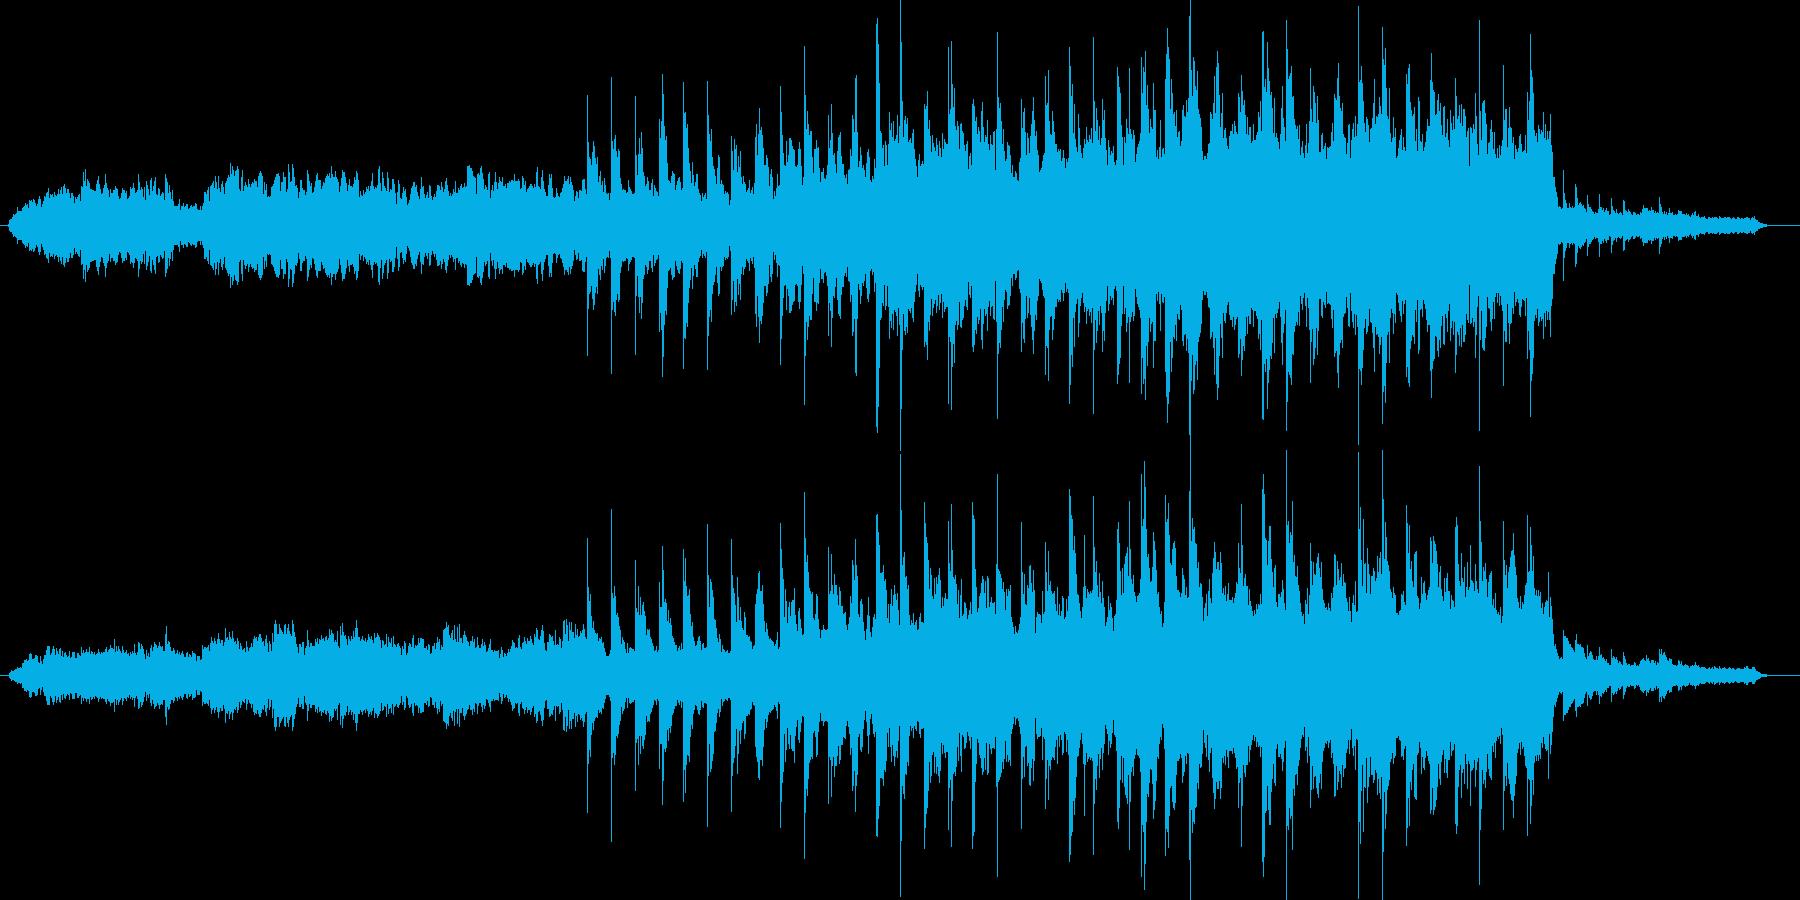 神秘的でシリアスなメロディの再生済みの波形